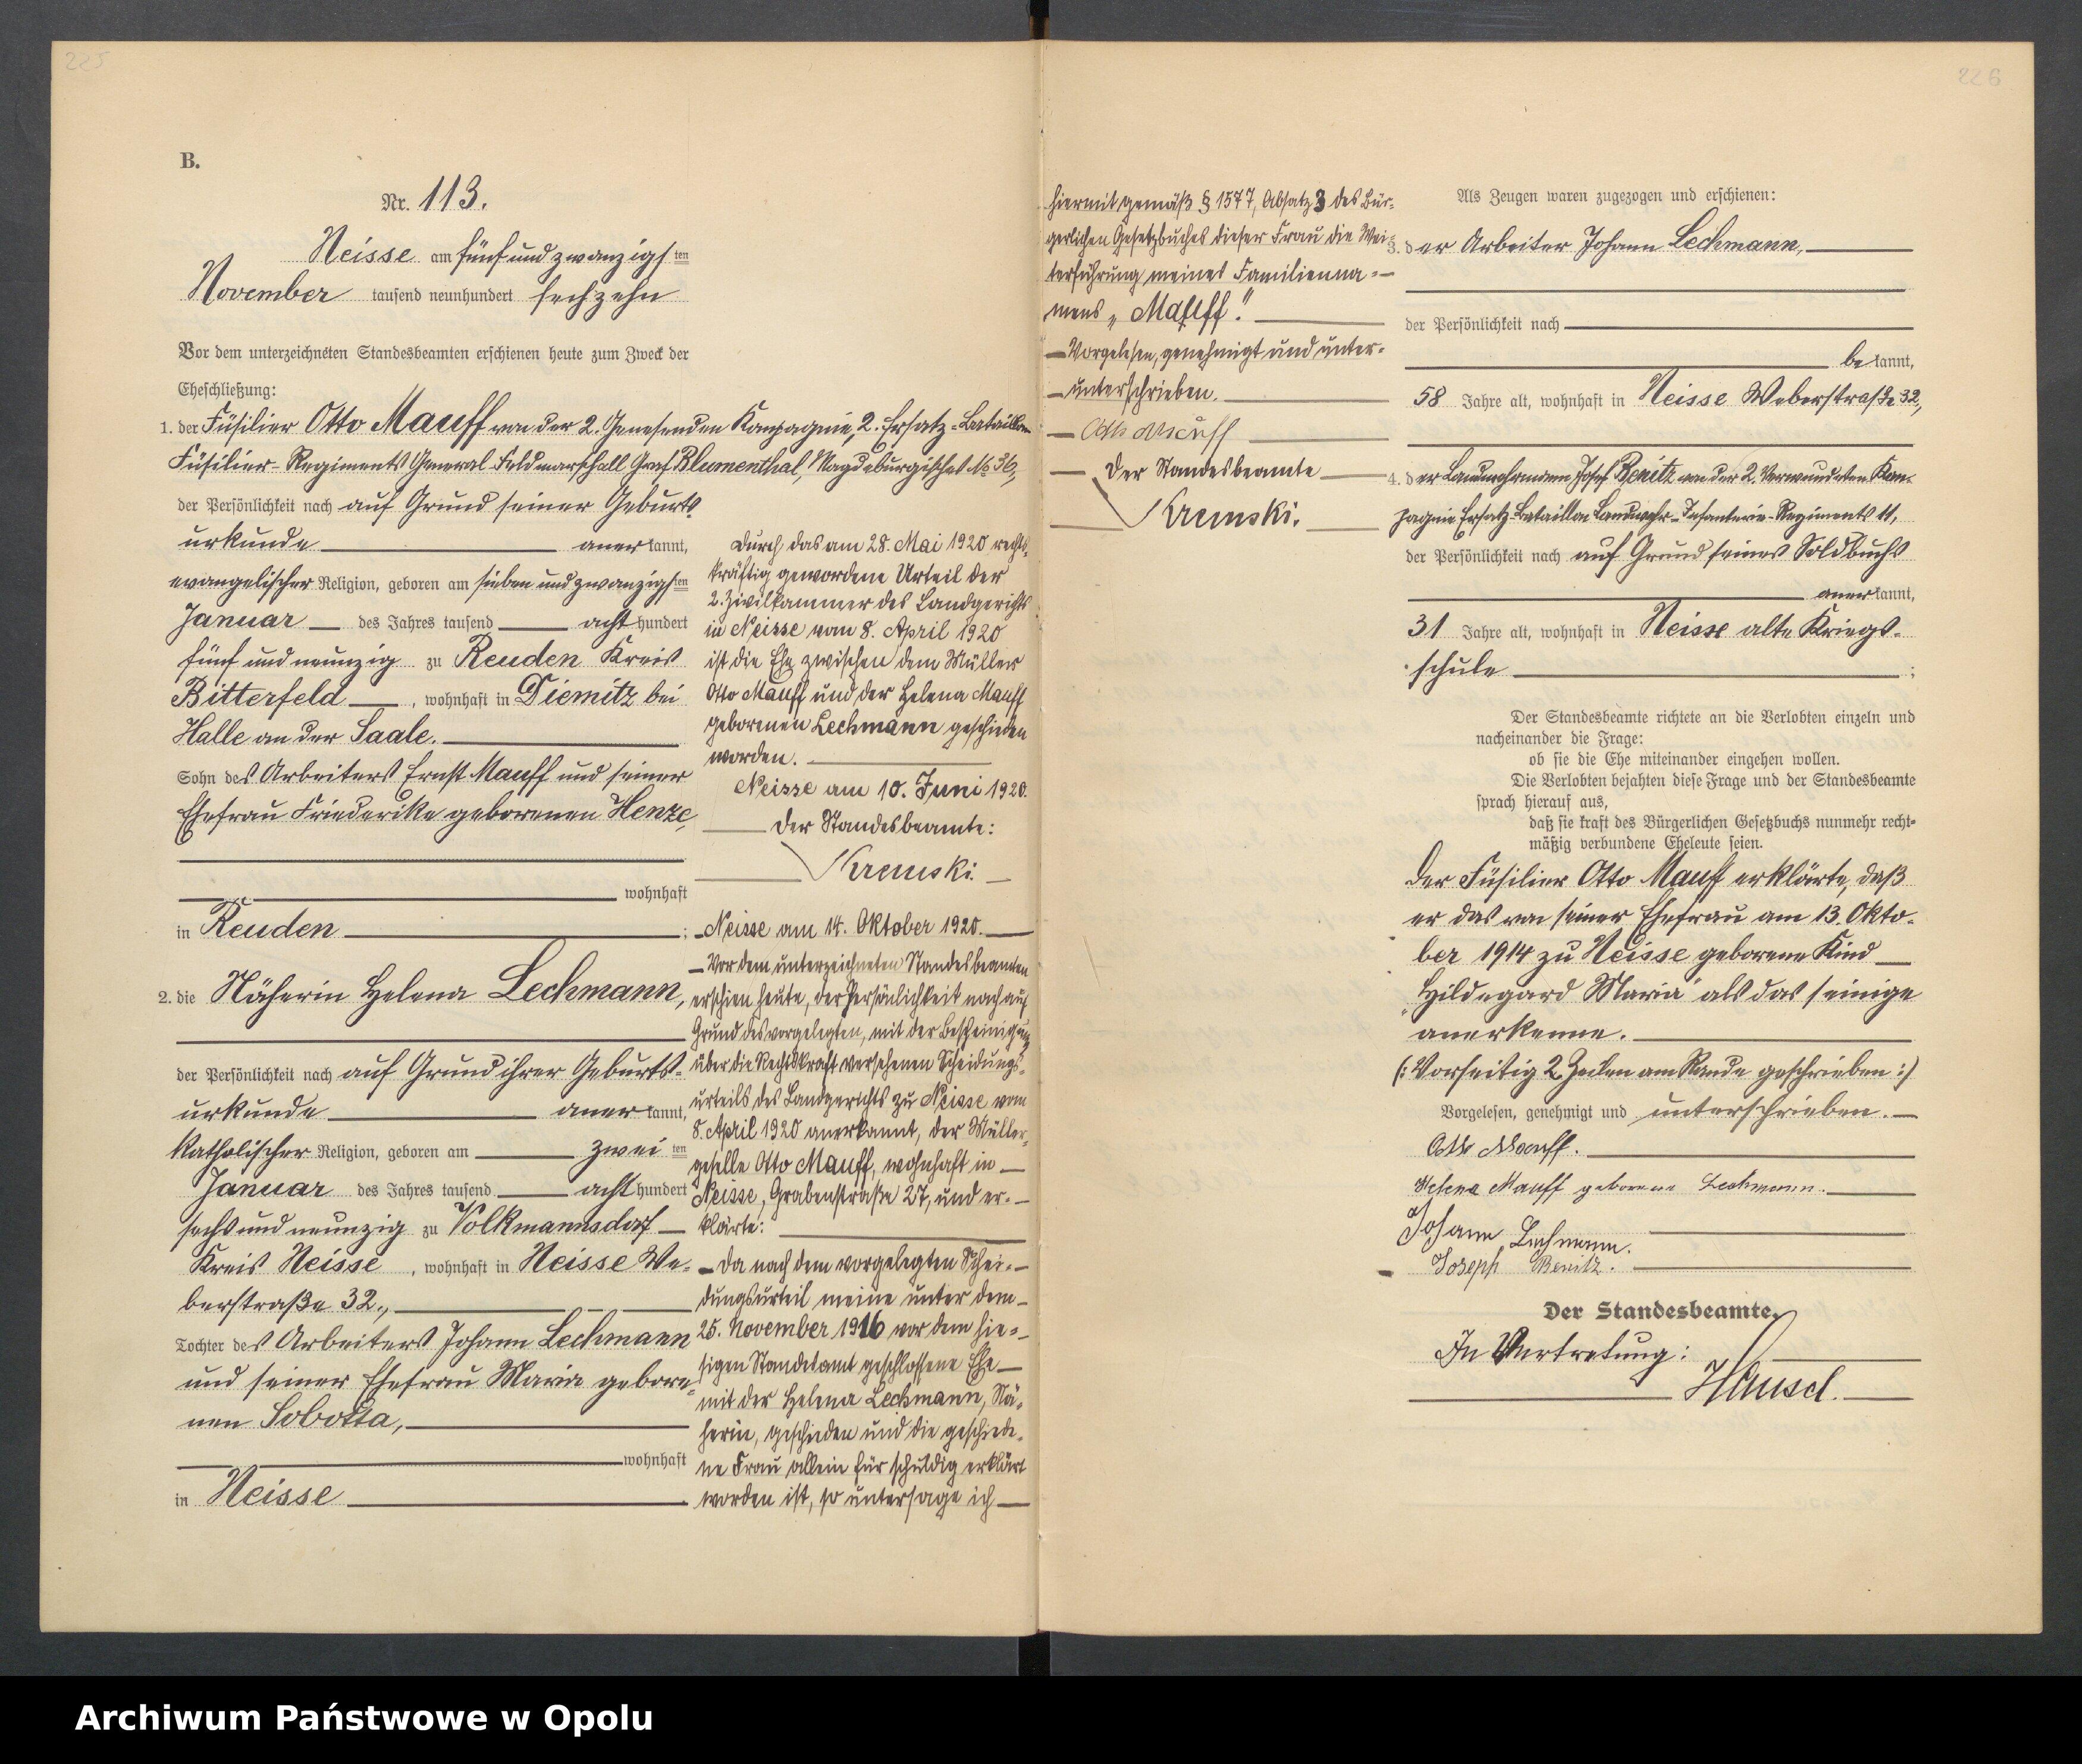 Skan z jednostki: Heirats-Register (Haupt-Register) Standesamt Neisse 1916 vol.I No.1 bis 123.